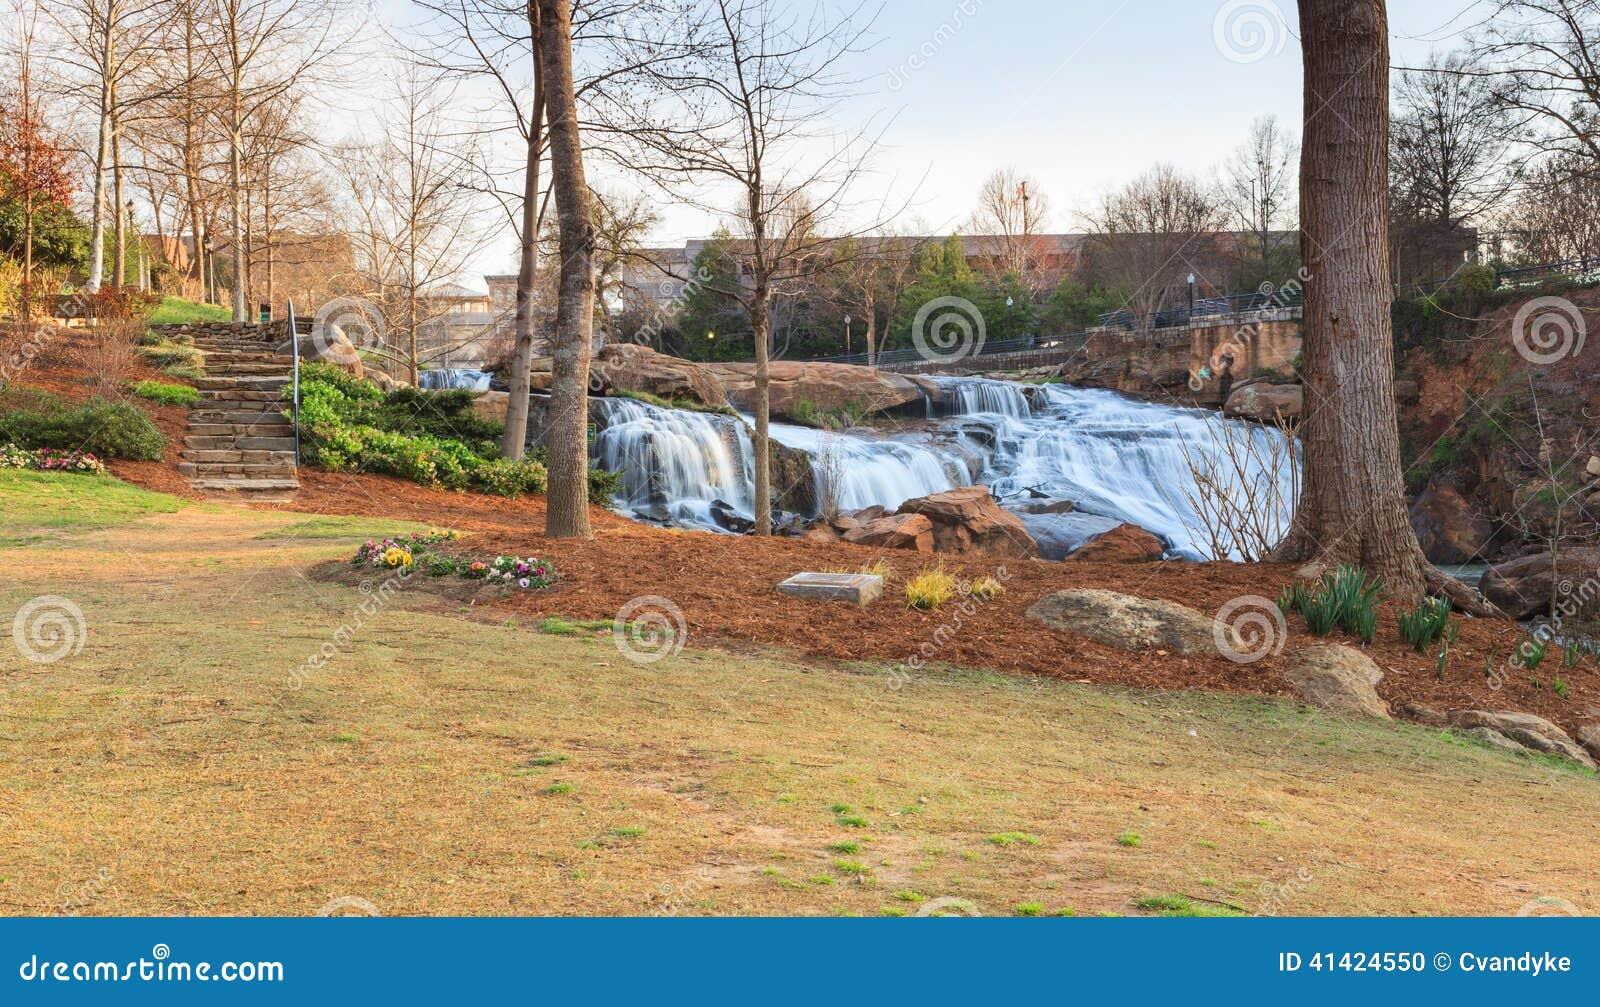 ... at Carolina Point Apartments - Apartments - Greenville, SC - Yelp